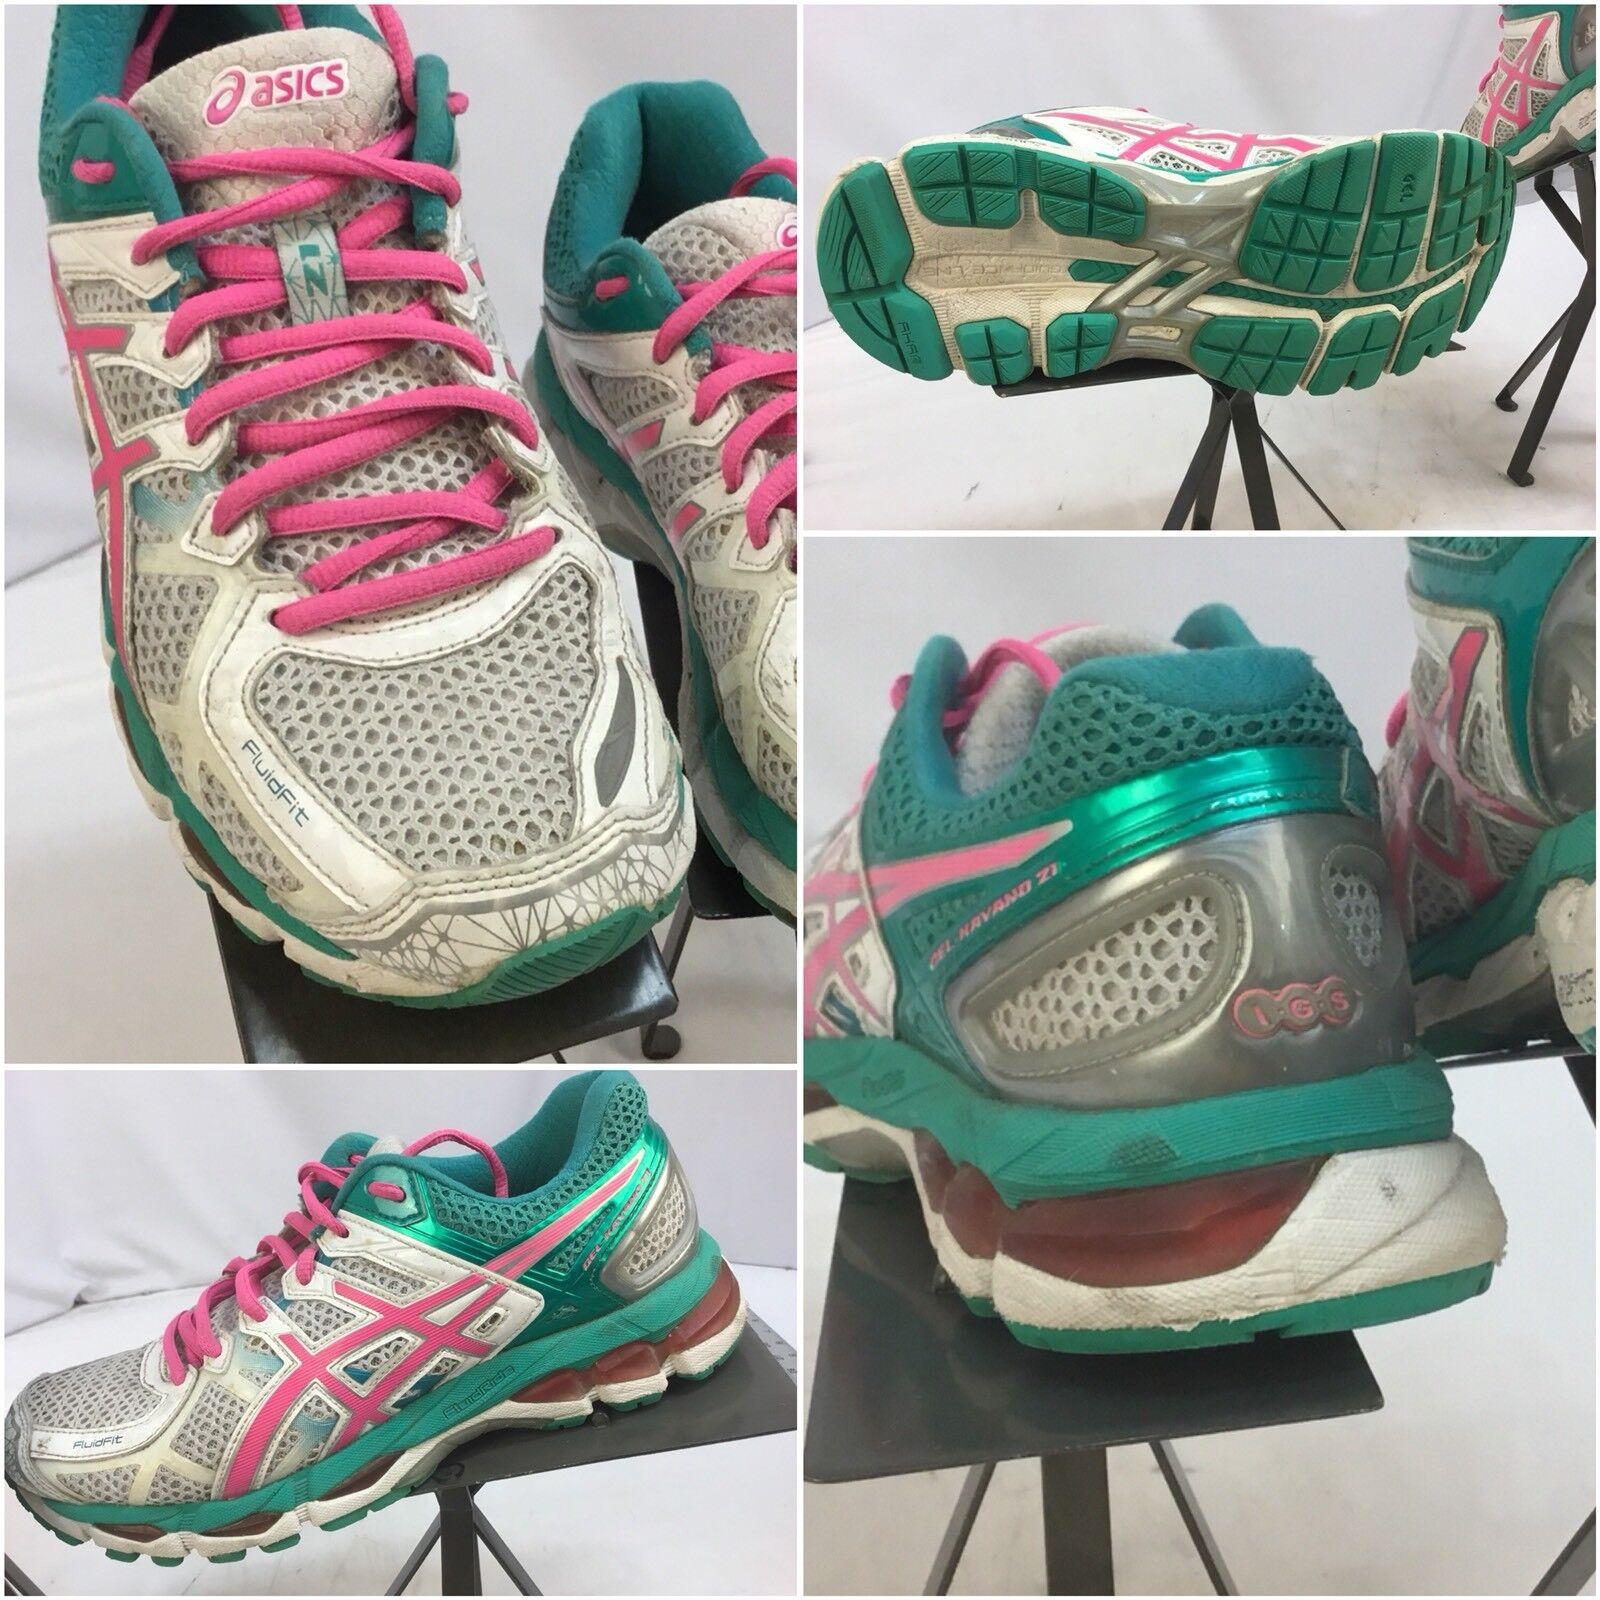 Asics Gel Kayano Pink 21 Sz 8 Women Pink Kayano Green Running Shoes EUC YGI J7 fd90fd